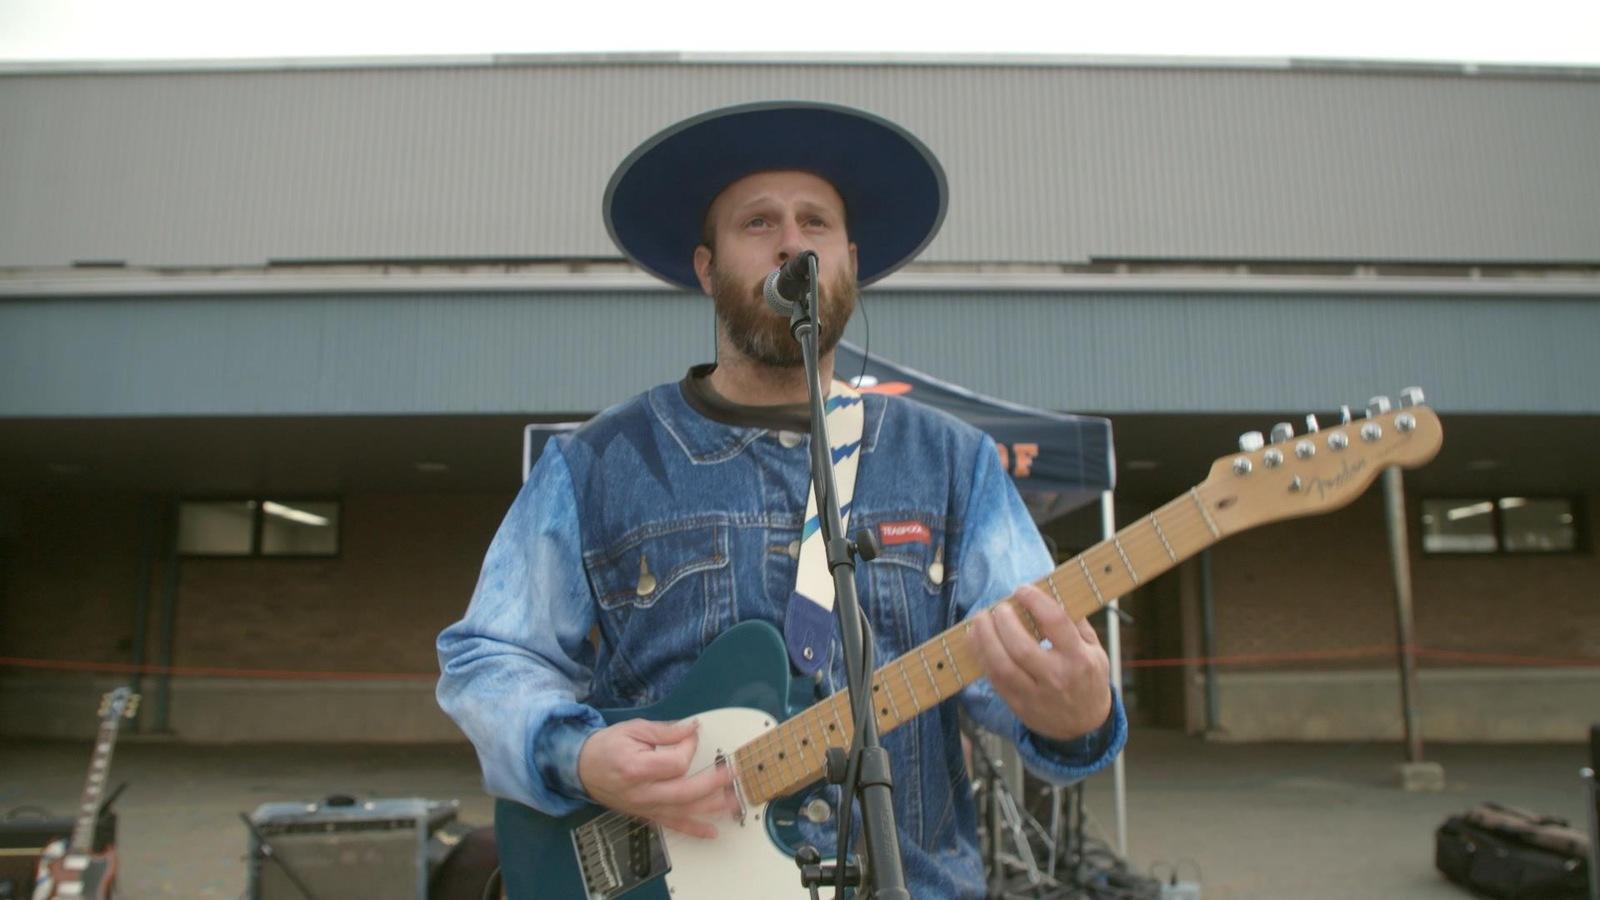 Le chanteur tient sa guitare et chante dehors.